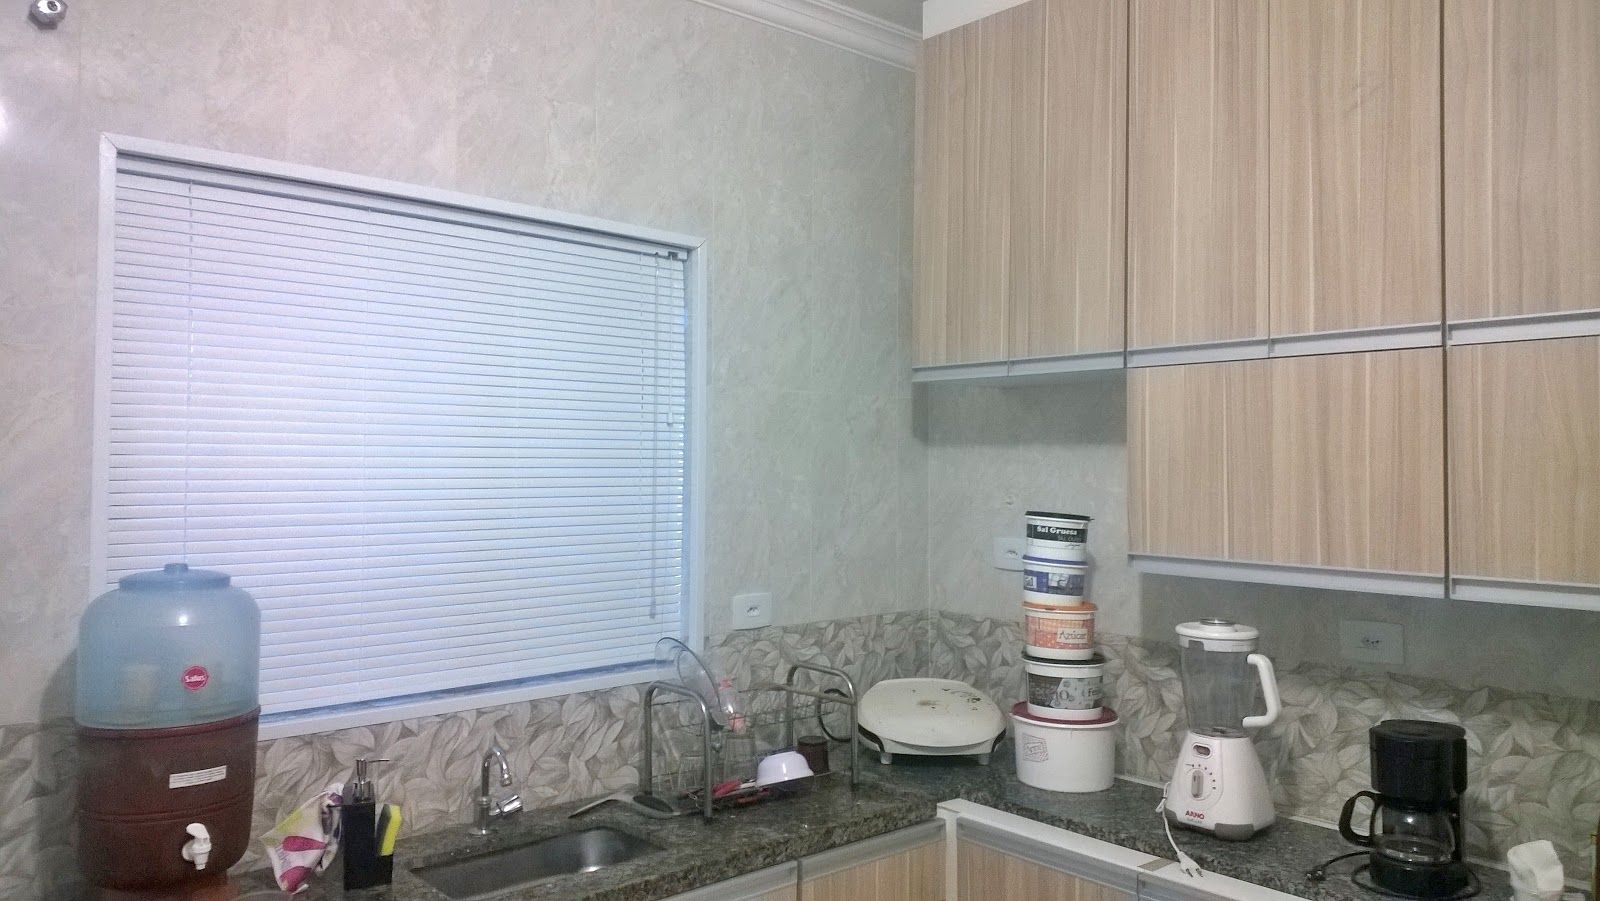 #536278 horizontal aluminio feito sob medida ideal pra cozinha feito para  866 Medidas De Janelas De Aluminio Para Cozinha